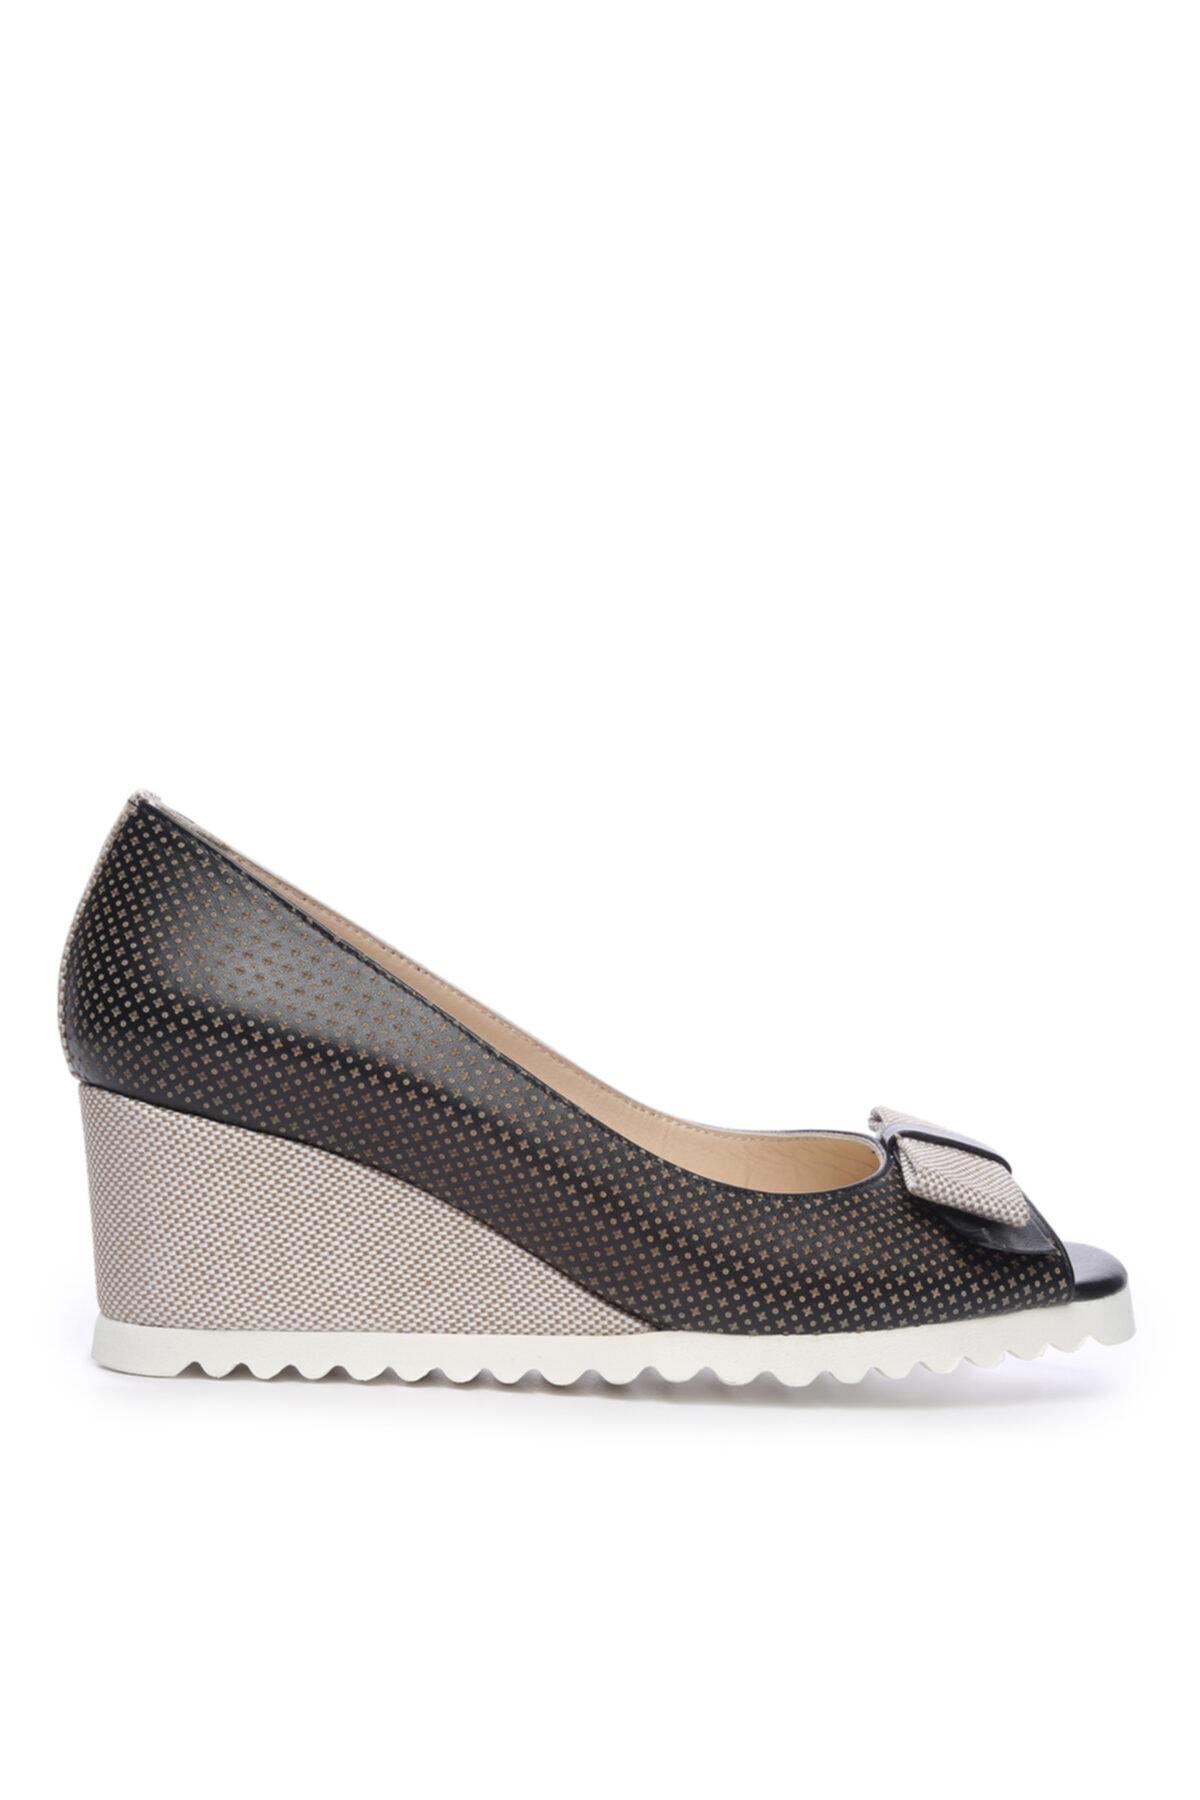 Kadın Derı Ayakkabı Ayakkabı 94 4500 Bn Ayk